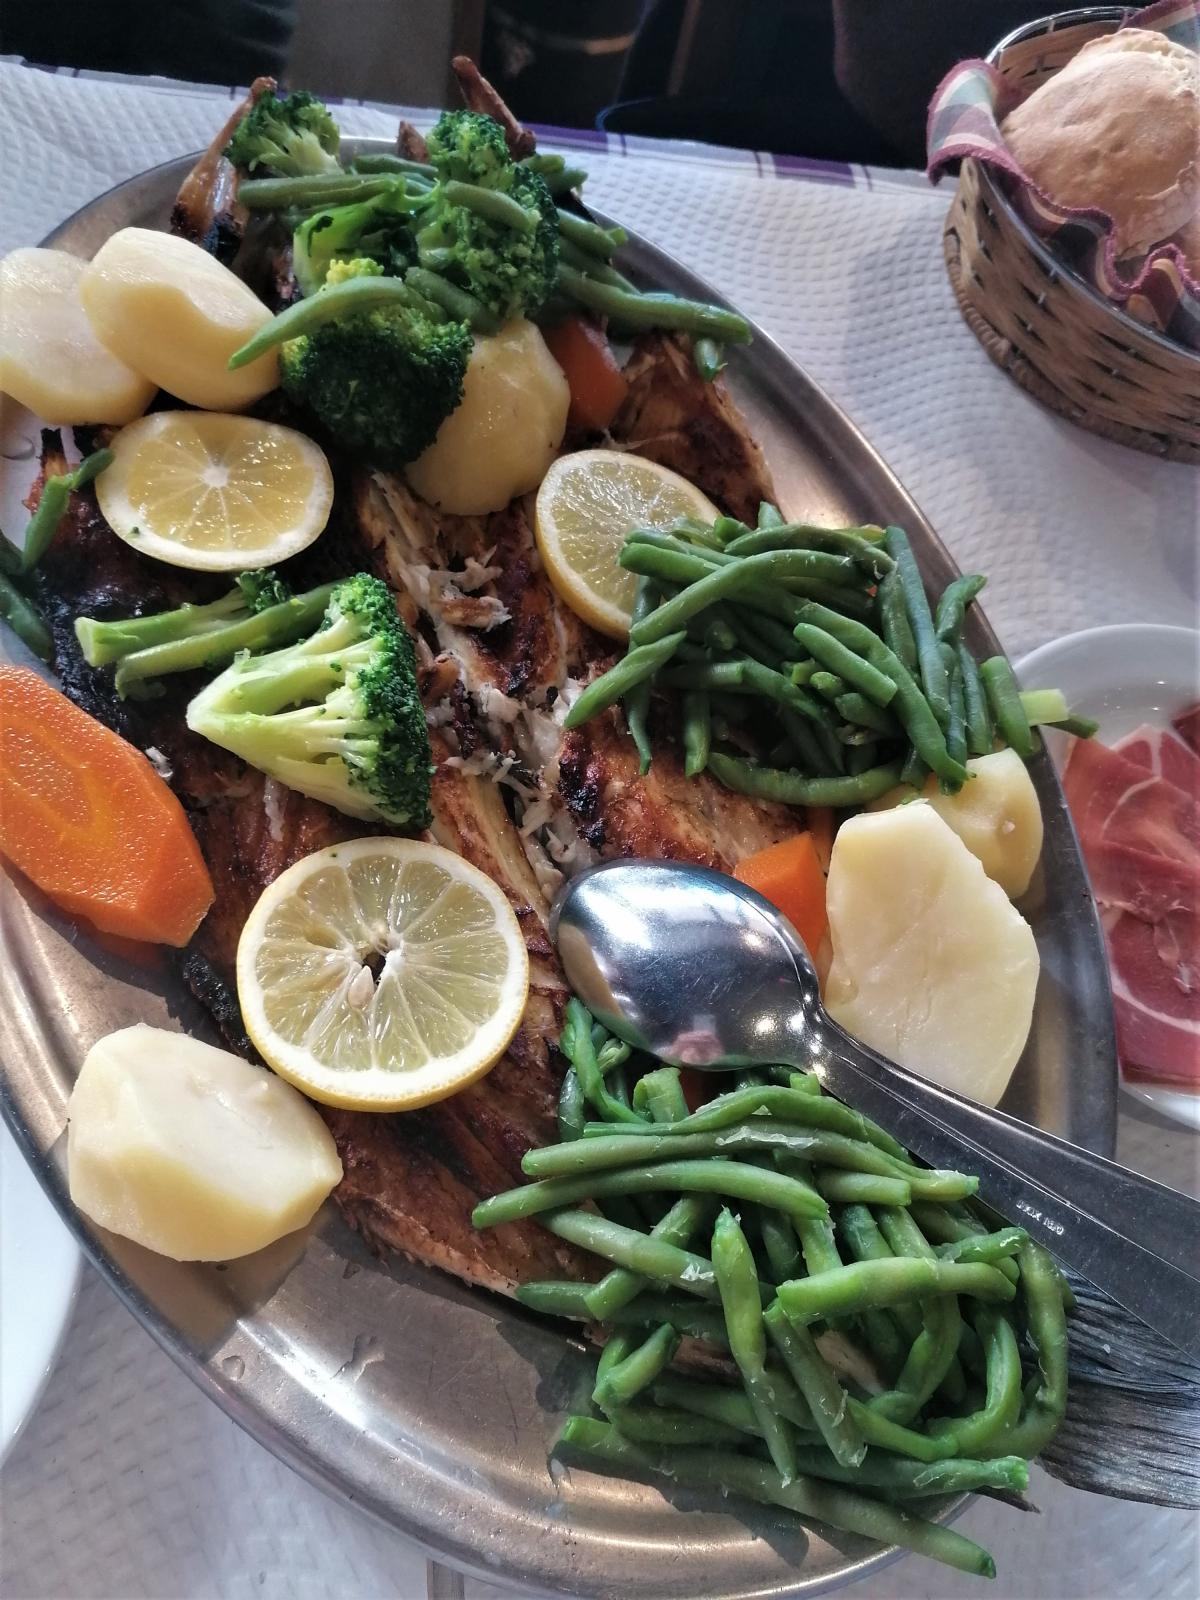 Португальская кухня - это очень сытно / Фото автора